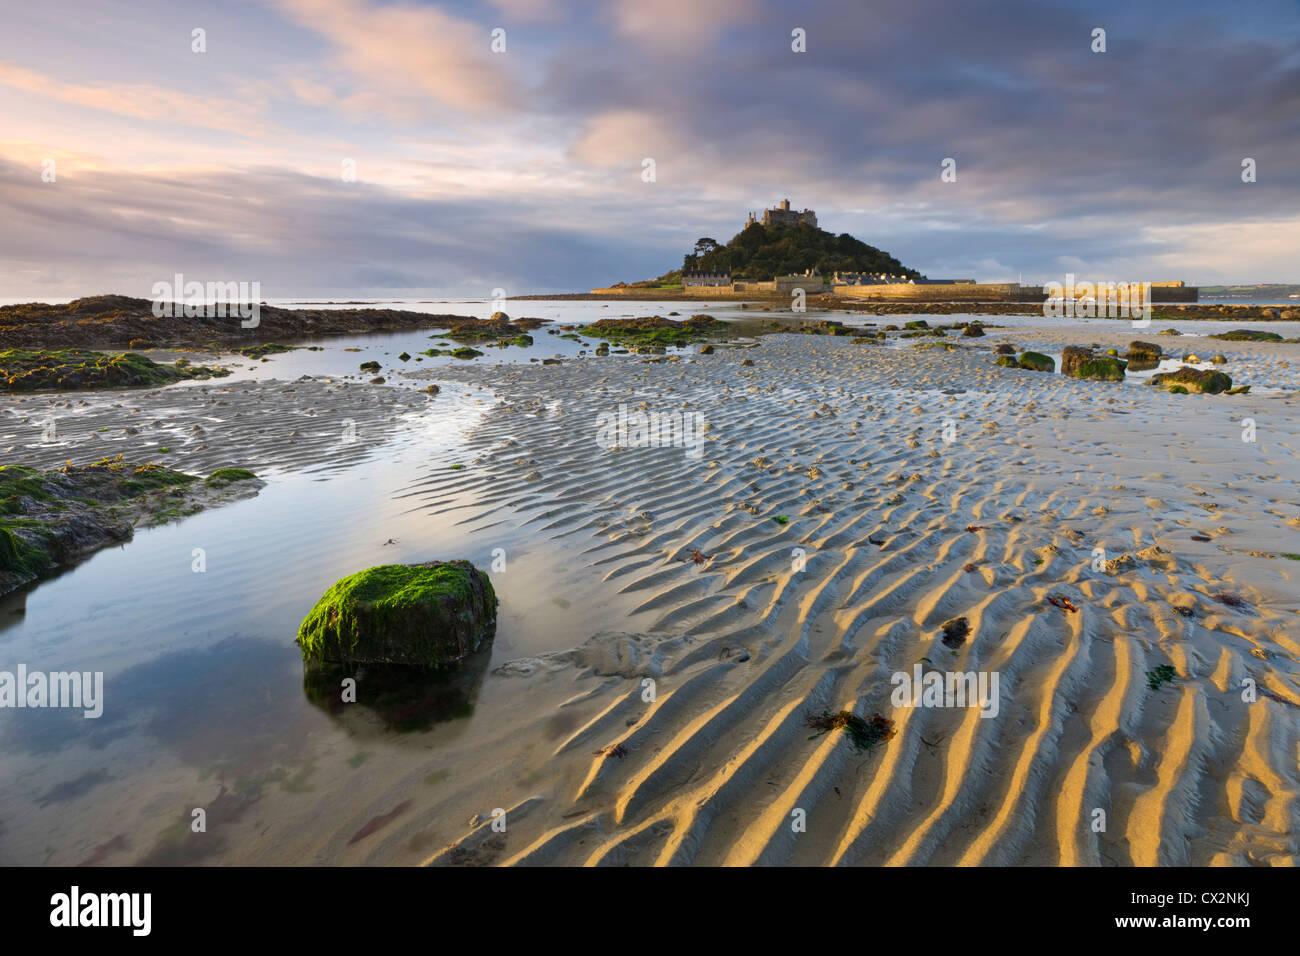 Durante la marea baja Mounts Bay mirando hacia St Michaels Mount, Cornwall, Inglaterra. Otoño (octubre de 2010). Imagen De Stock